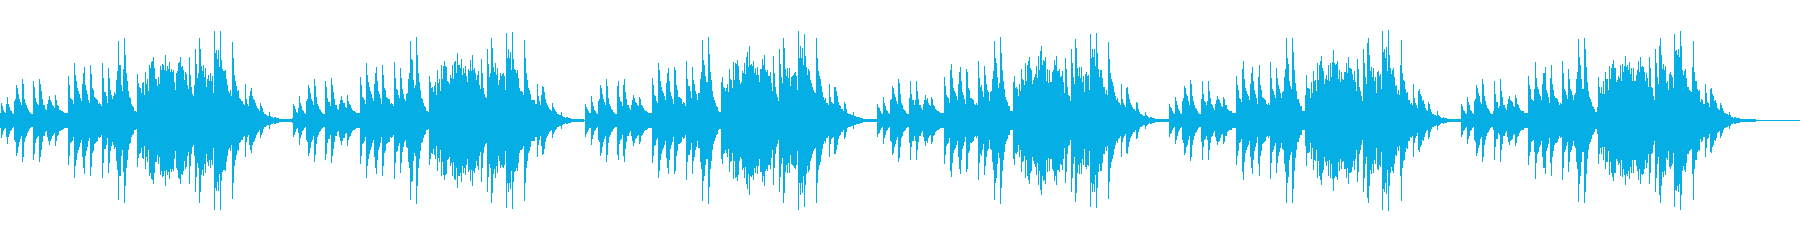 温かいショートループピアノ曲の再生済みの波形